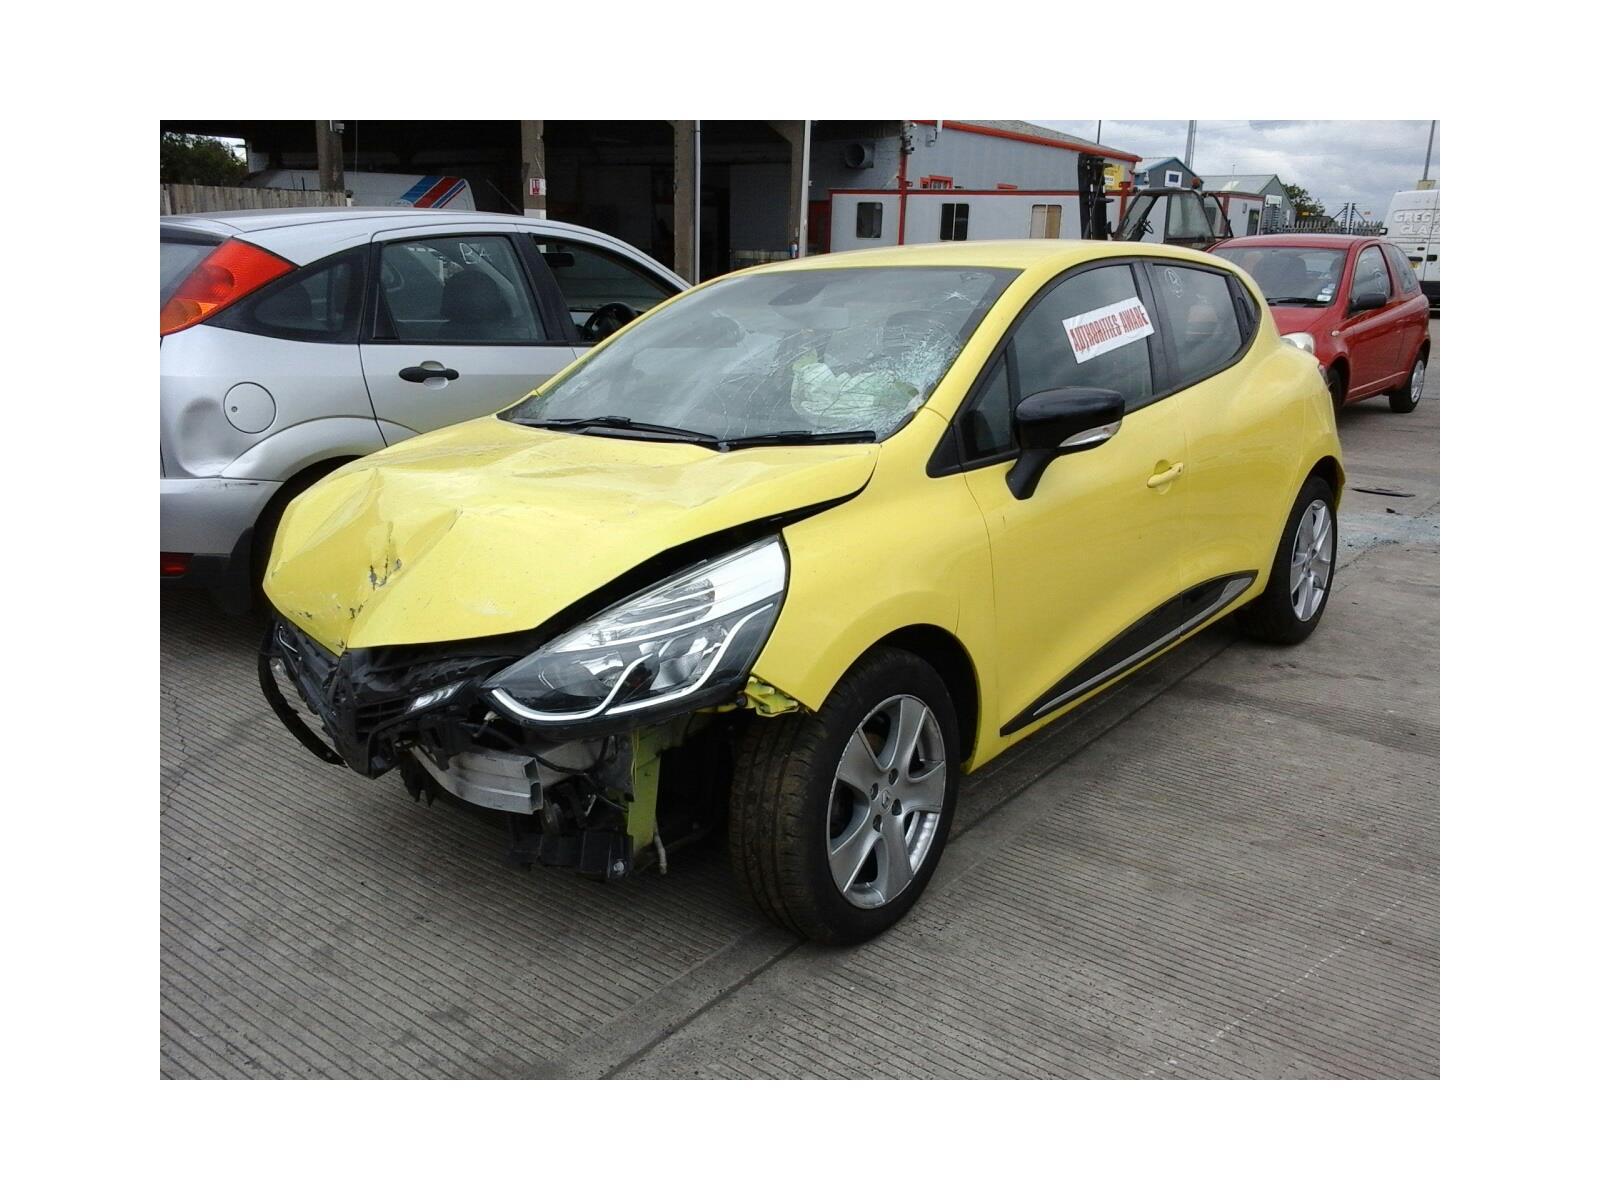 2013 renault clio 2013 to 2016 5 door hatchback petrol manual rh motorhog co uk Renault Clio 4 renault clio parts list